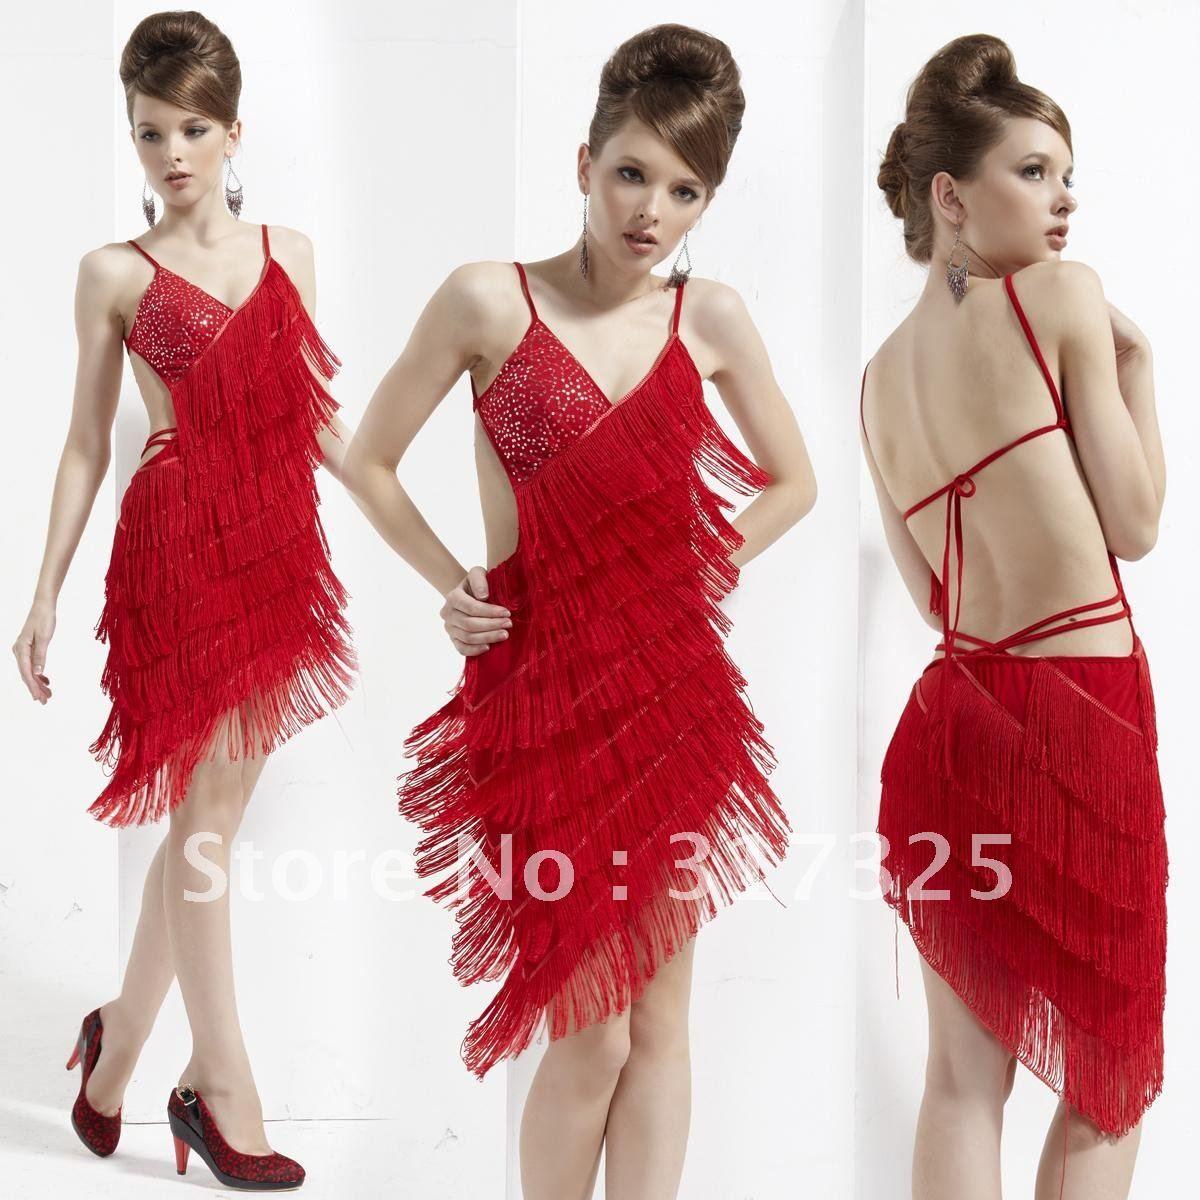 Pin von Sarah Leigh auf Drama Queens, Dresses & Runway | Pinterest